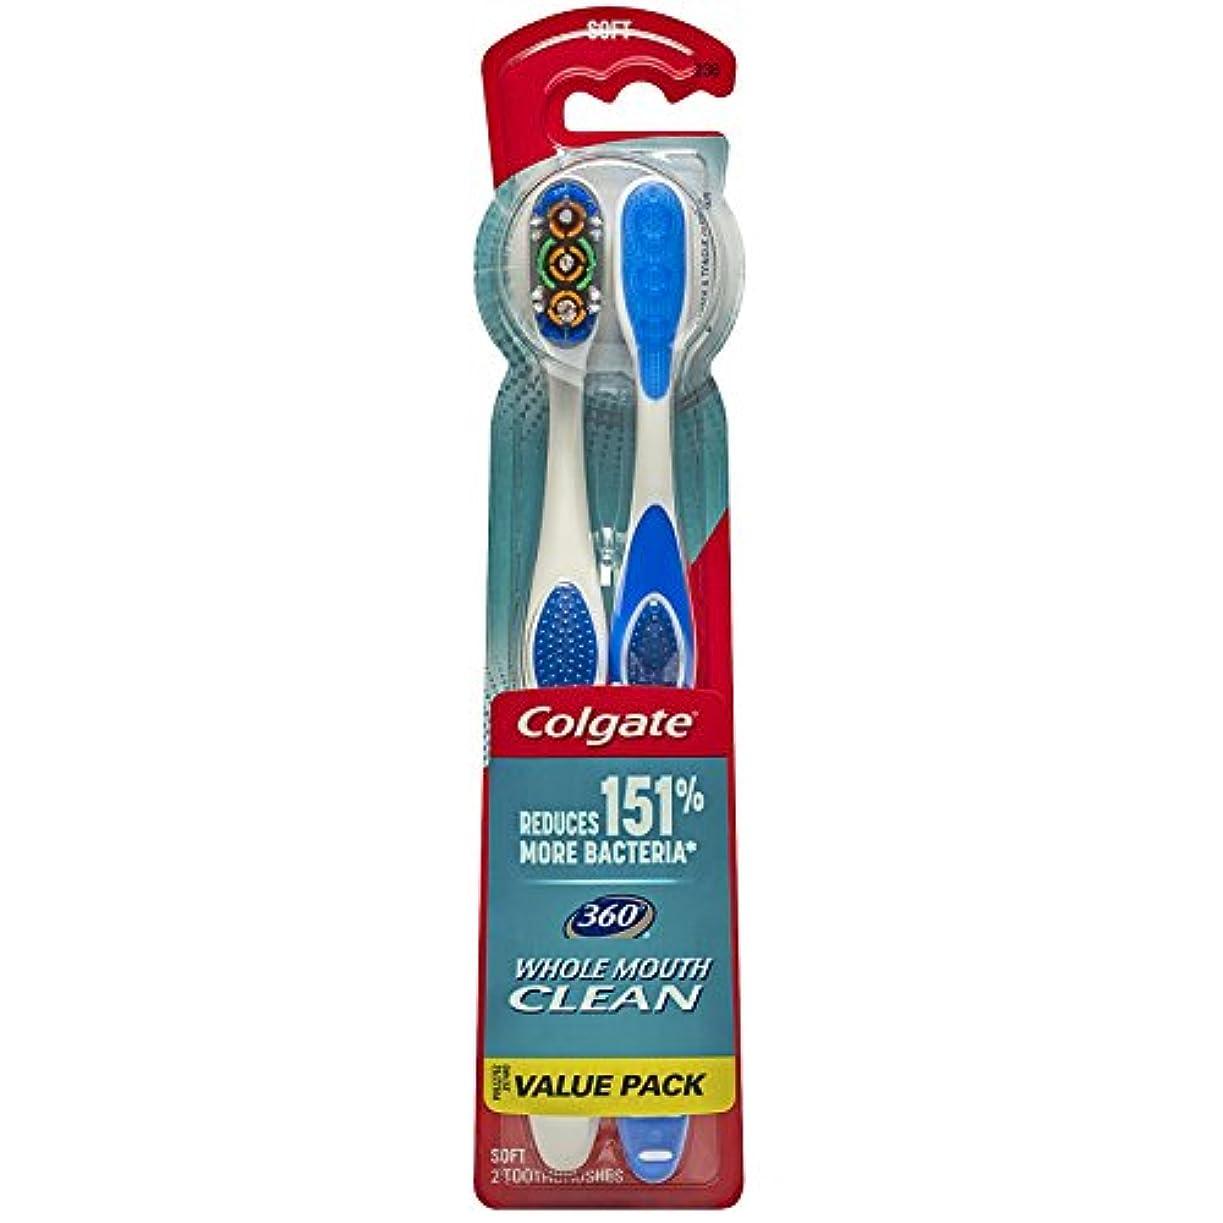 予知たとえ同行Colgate 360大人の完全な頭部柔らかい歯ブラシ、ツインパック